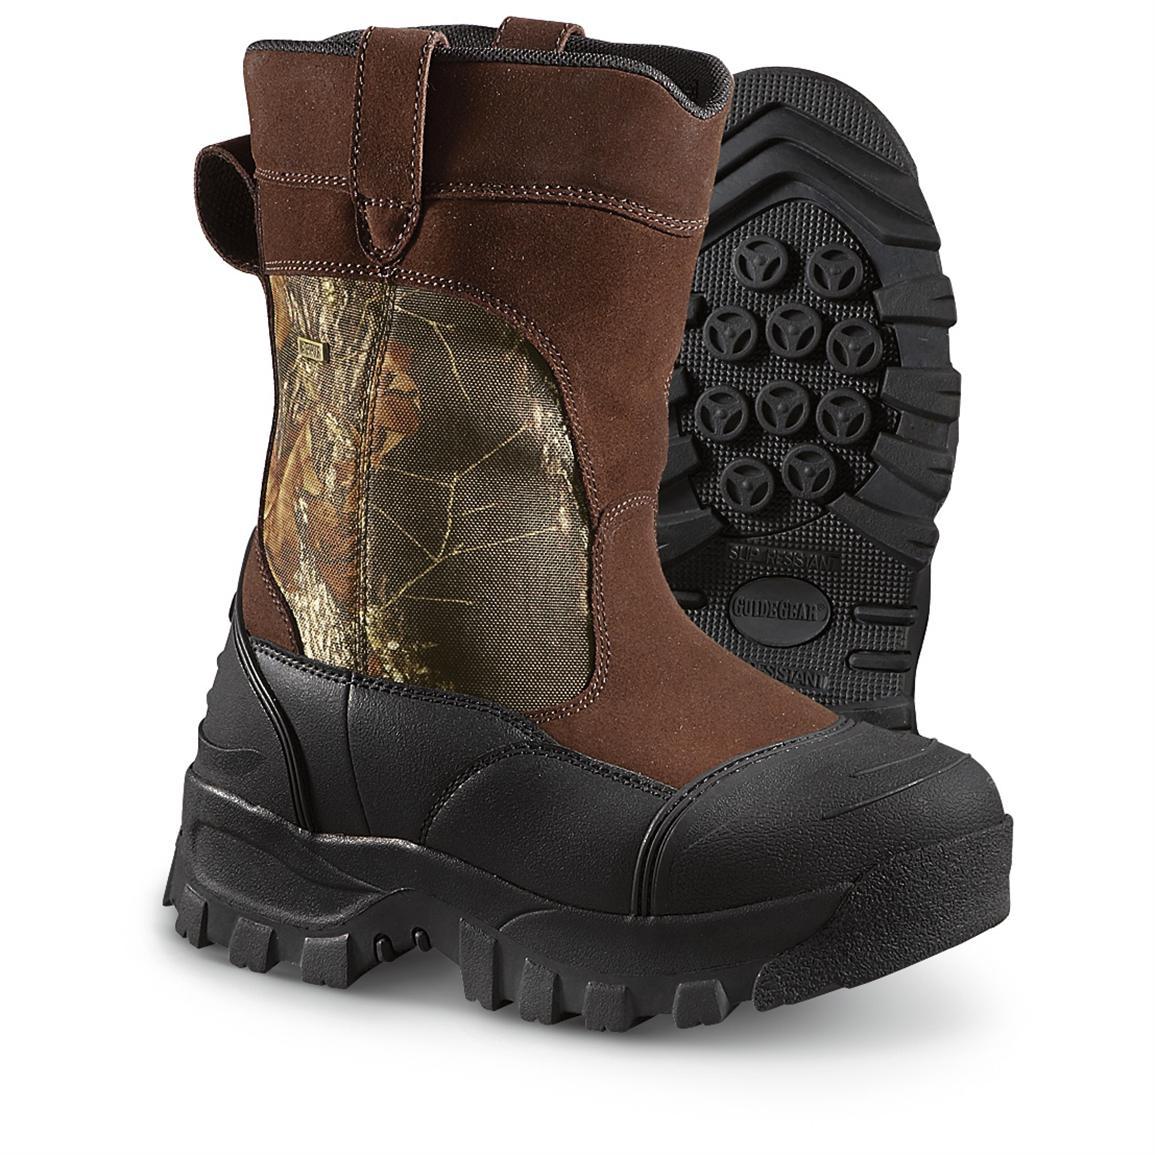 Выбор оптимальных зимних рыбацких ботинок, чему отдать преимущество Thinsulate или Thermolite